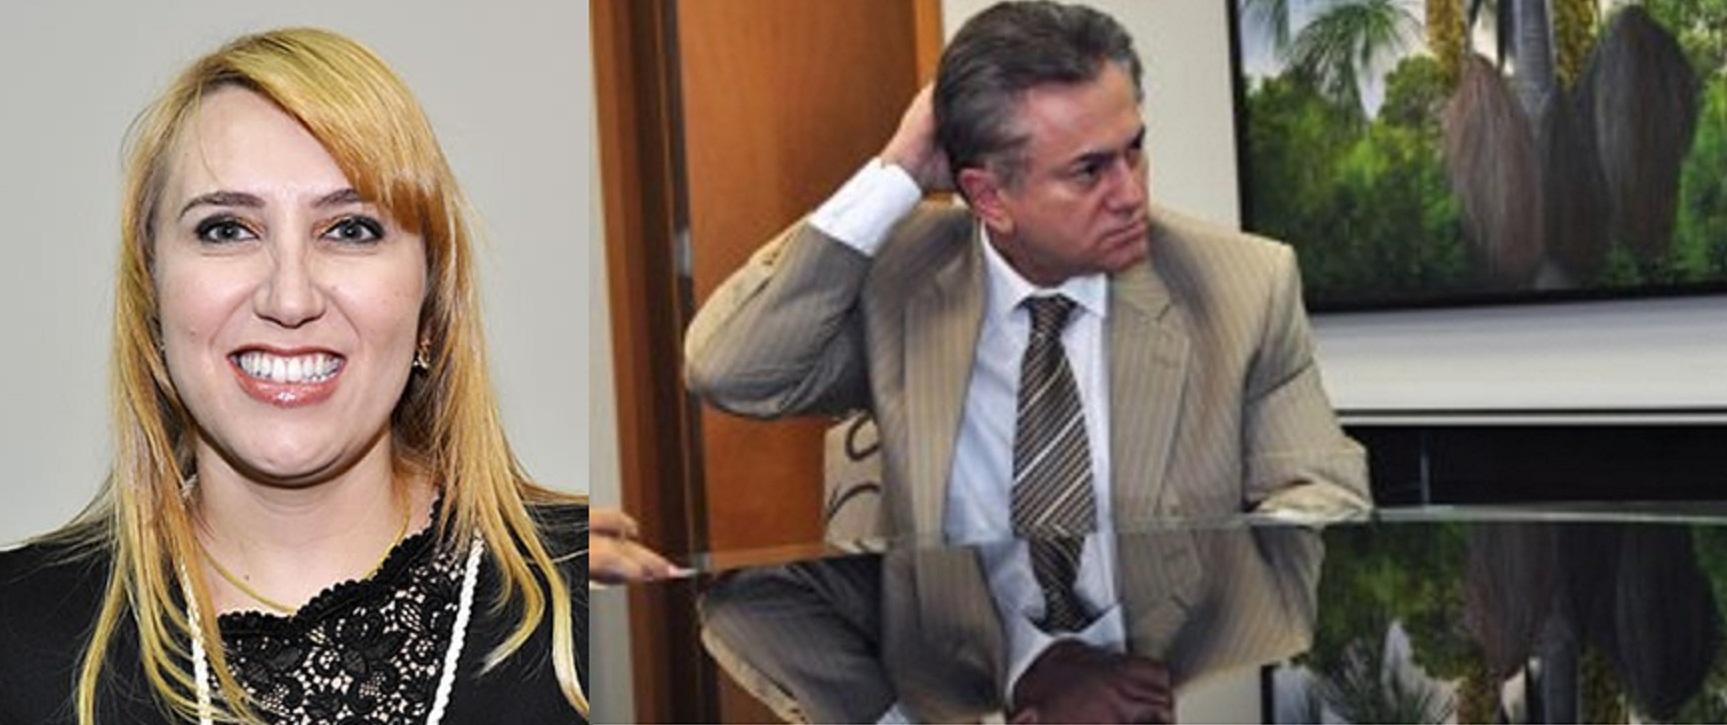 O presidente do Tribunal de Justiça, desembargador Orlando Perri, deve se deslocar até Alto Taquari para acompanhar investigações em torno do assassinato da juiza Glauciane Melo